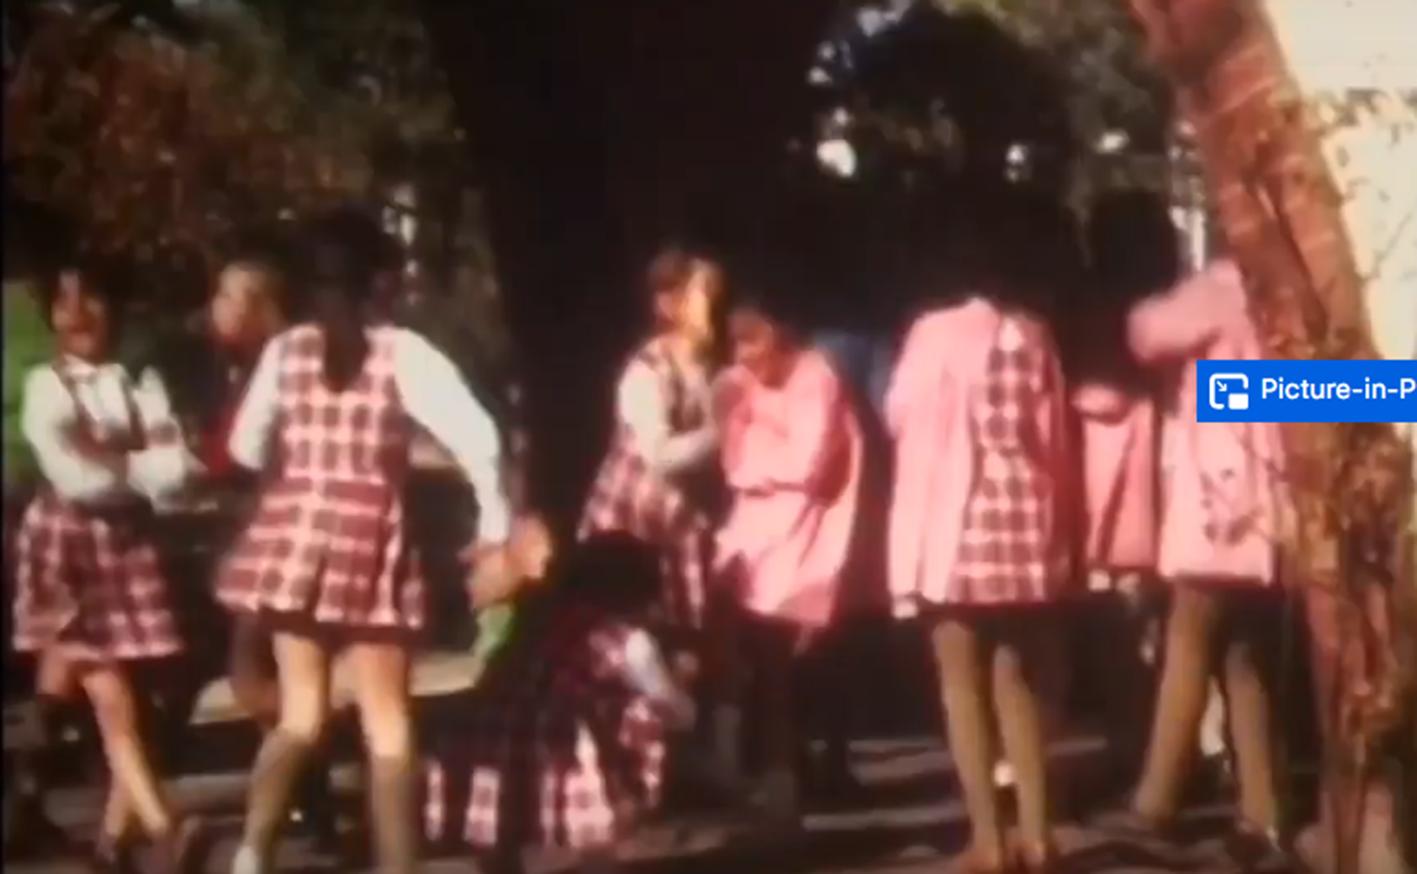 Una de las imágenes del vídeo, entrañable en muchos momentos.